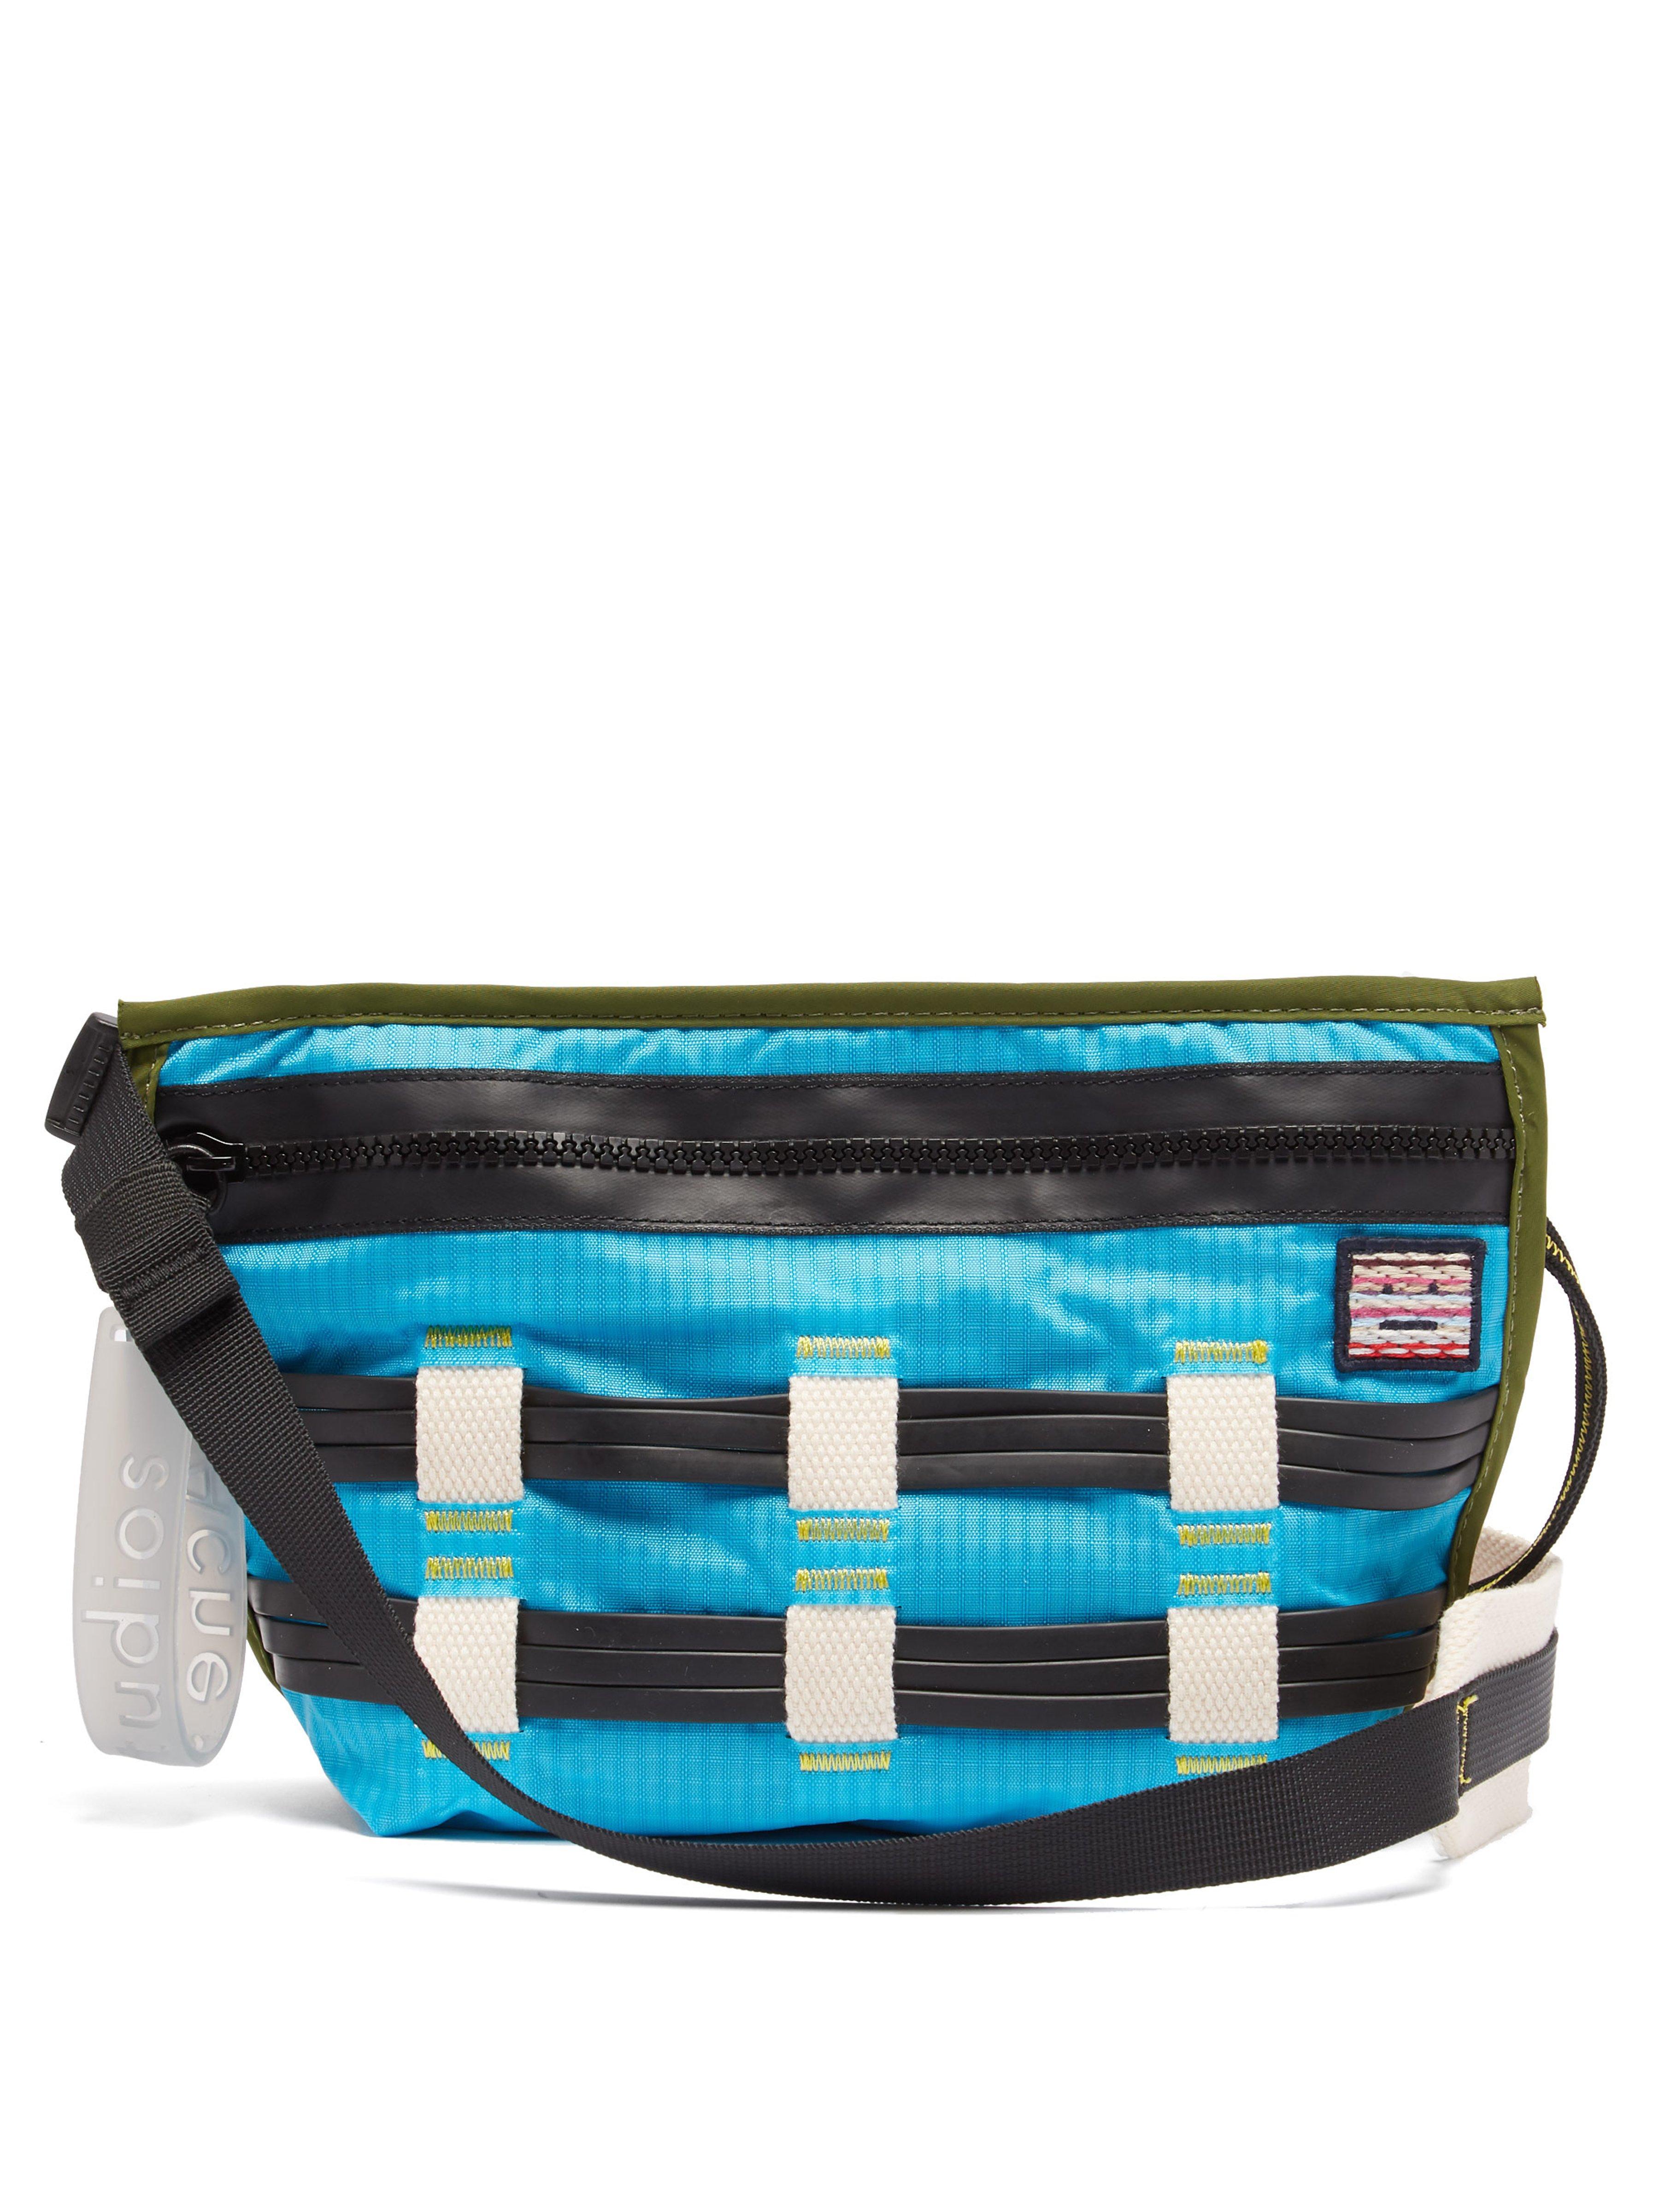 4d3183c07dd3 Acne Studios Rubber Weave Cross Body Bag in Blue for Men - Lyst